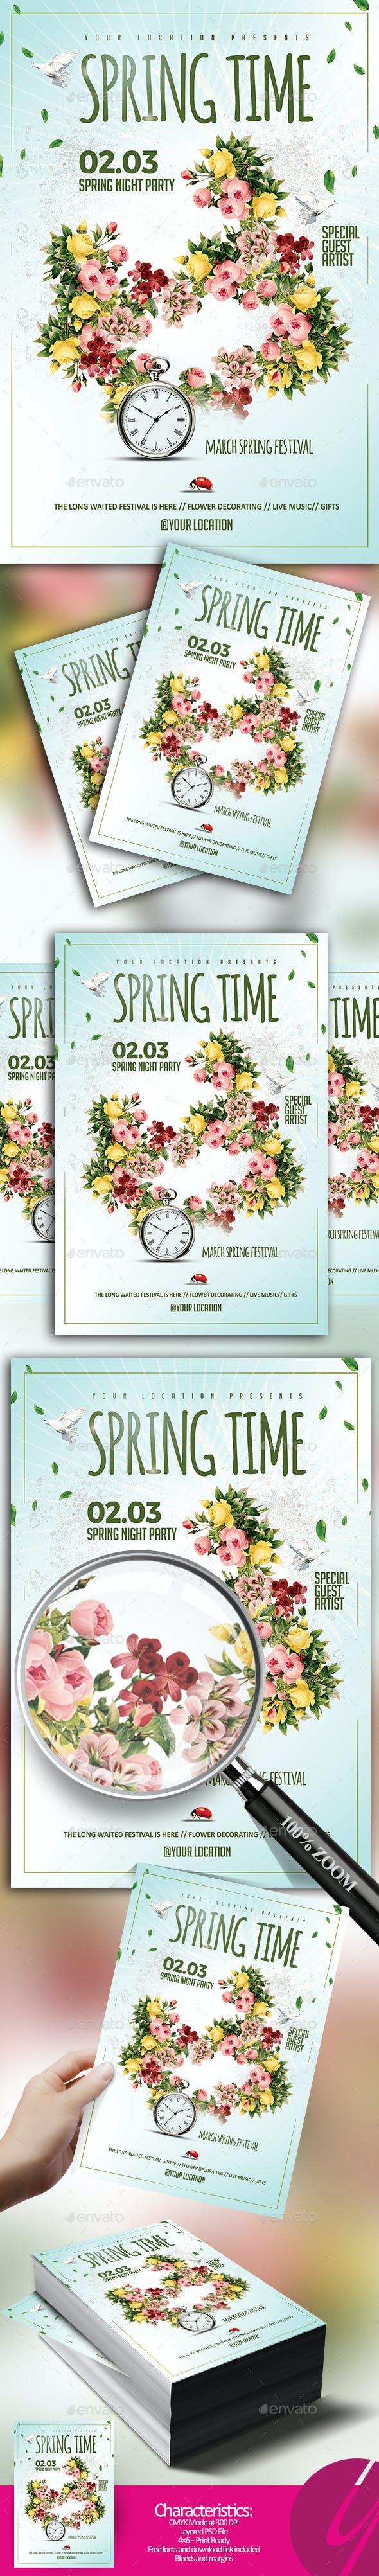 Spring Time Flyer